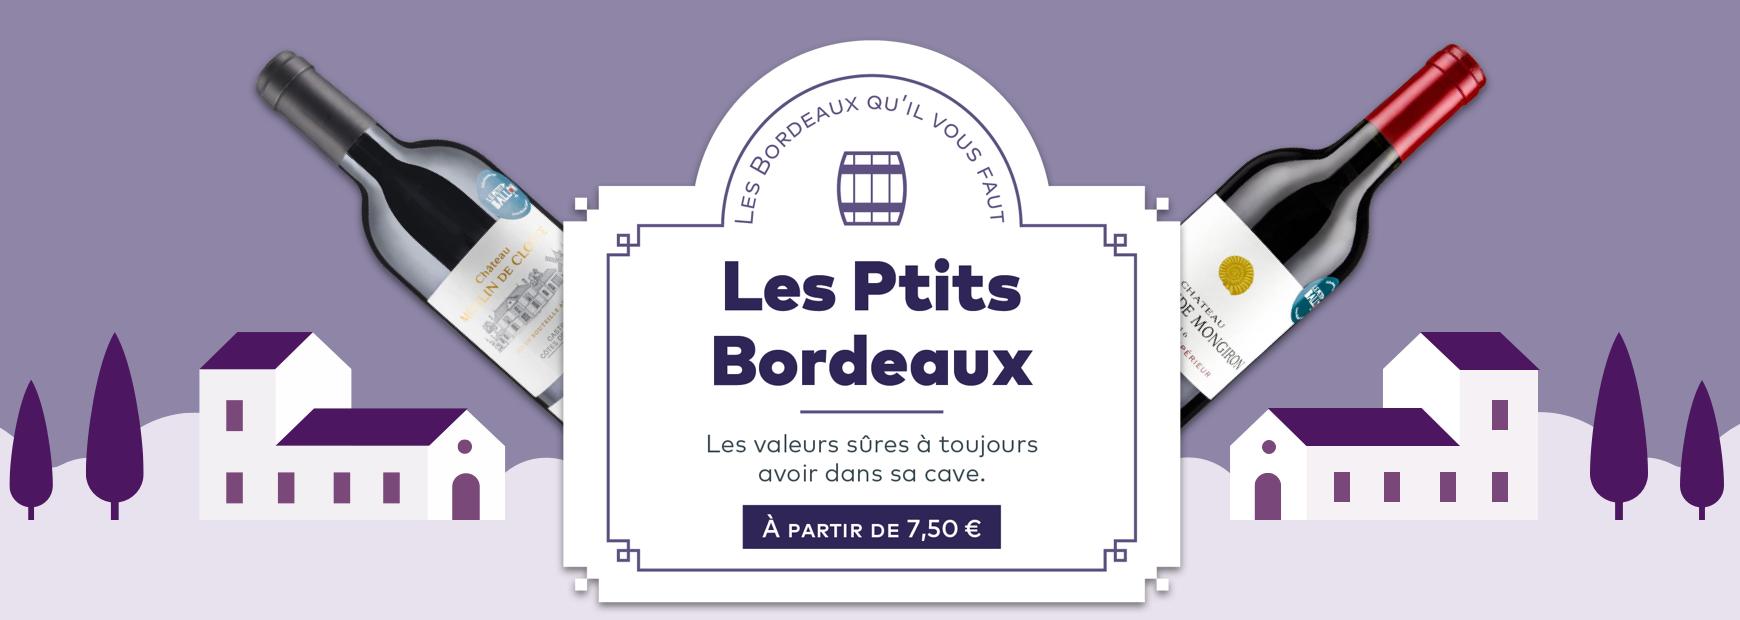 Les Ptits Bordeaux